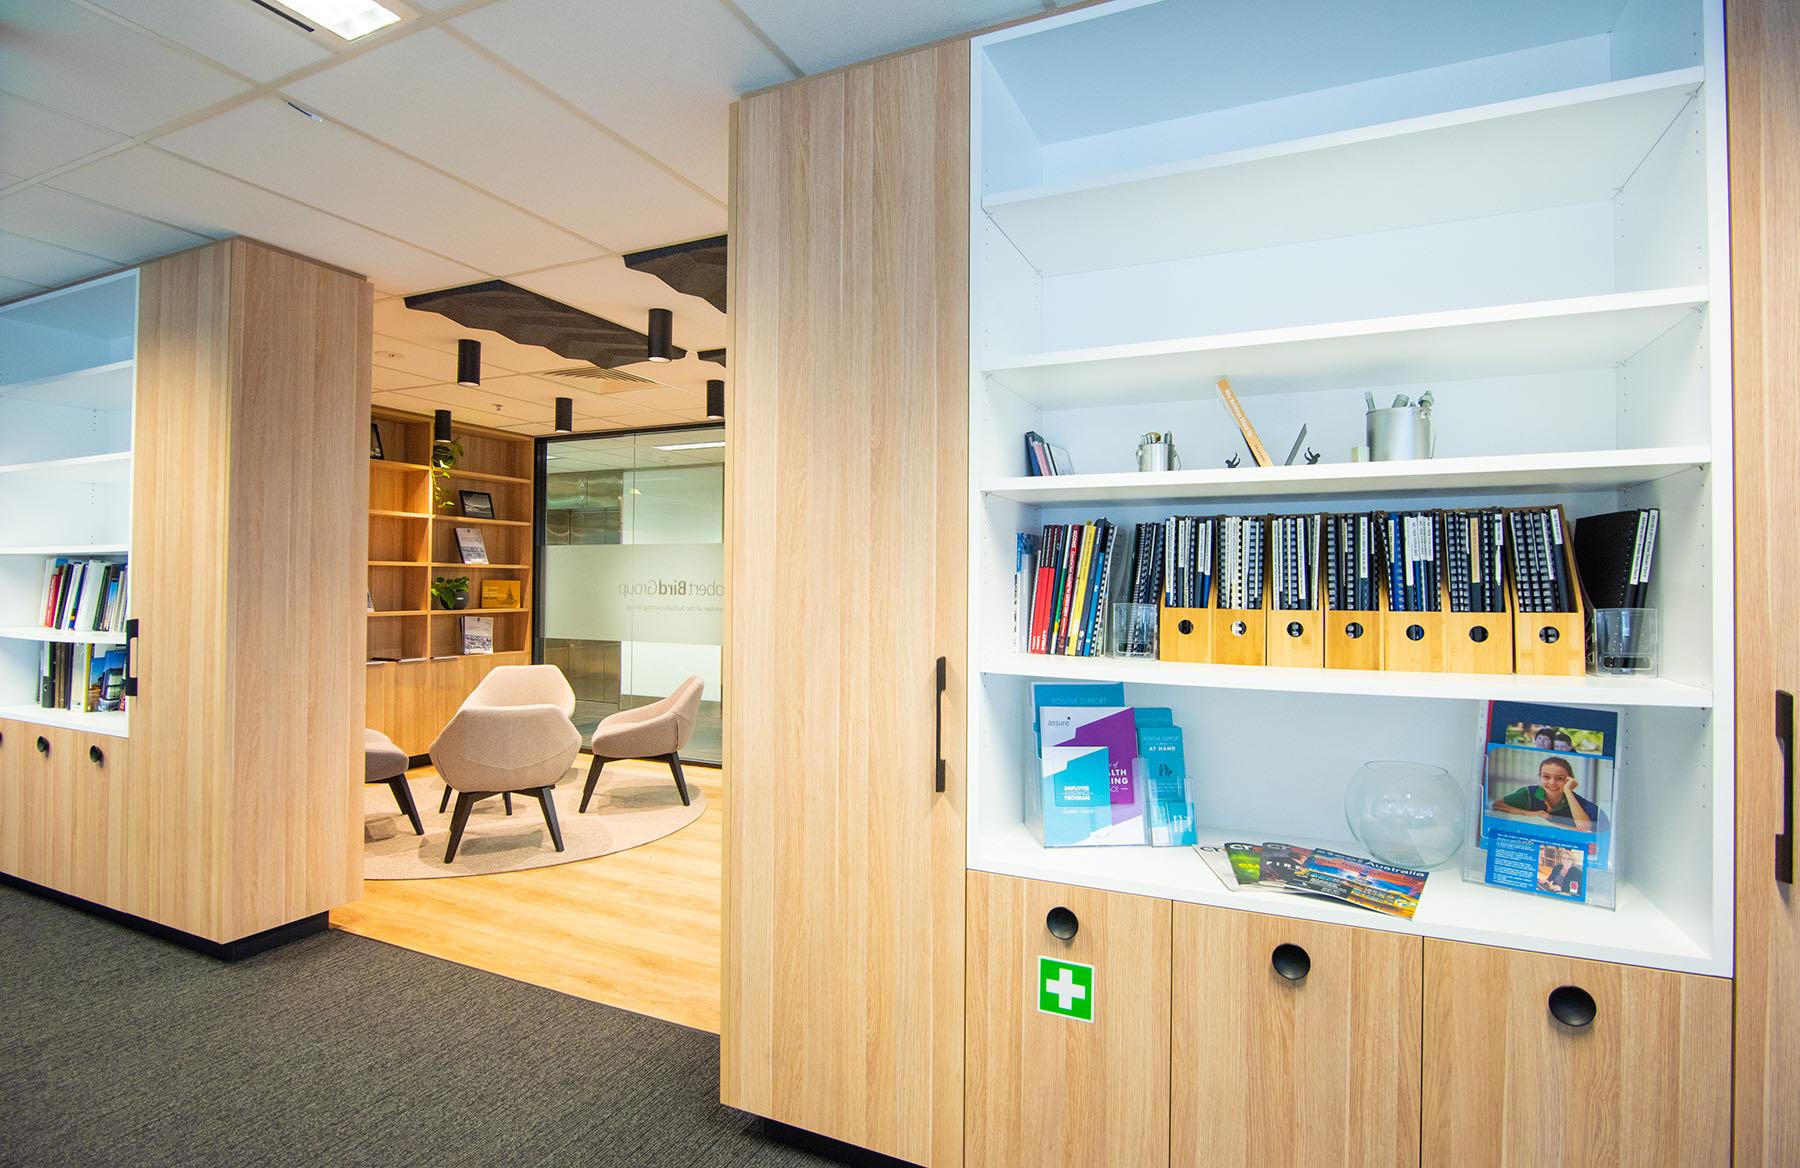 robert-bird-group-office-27